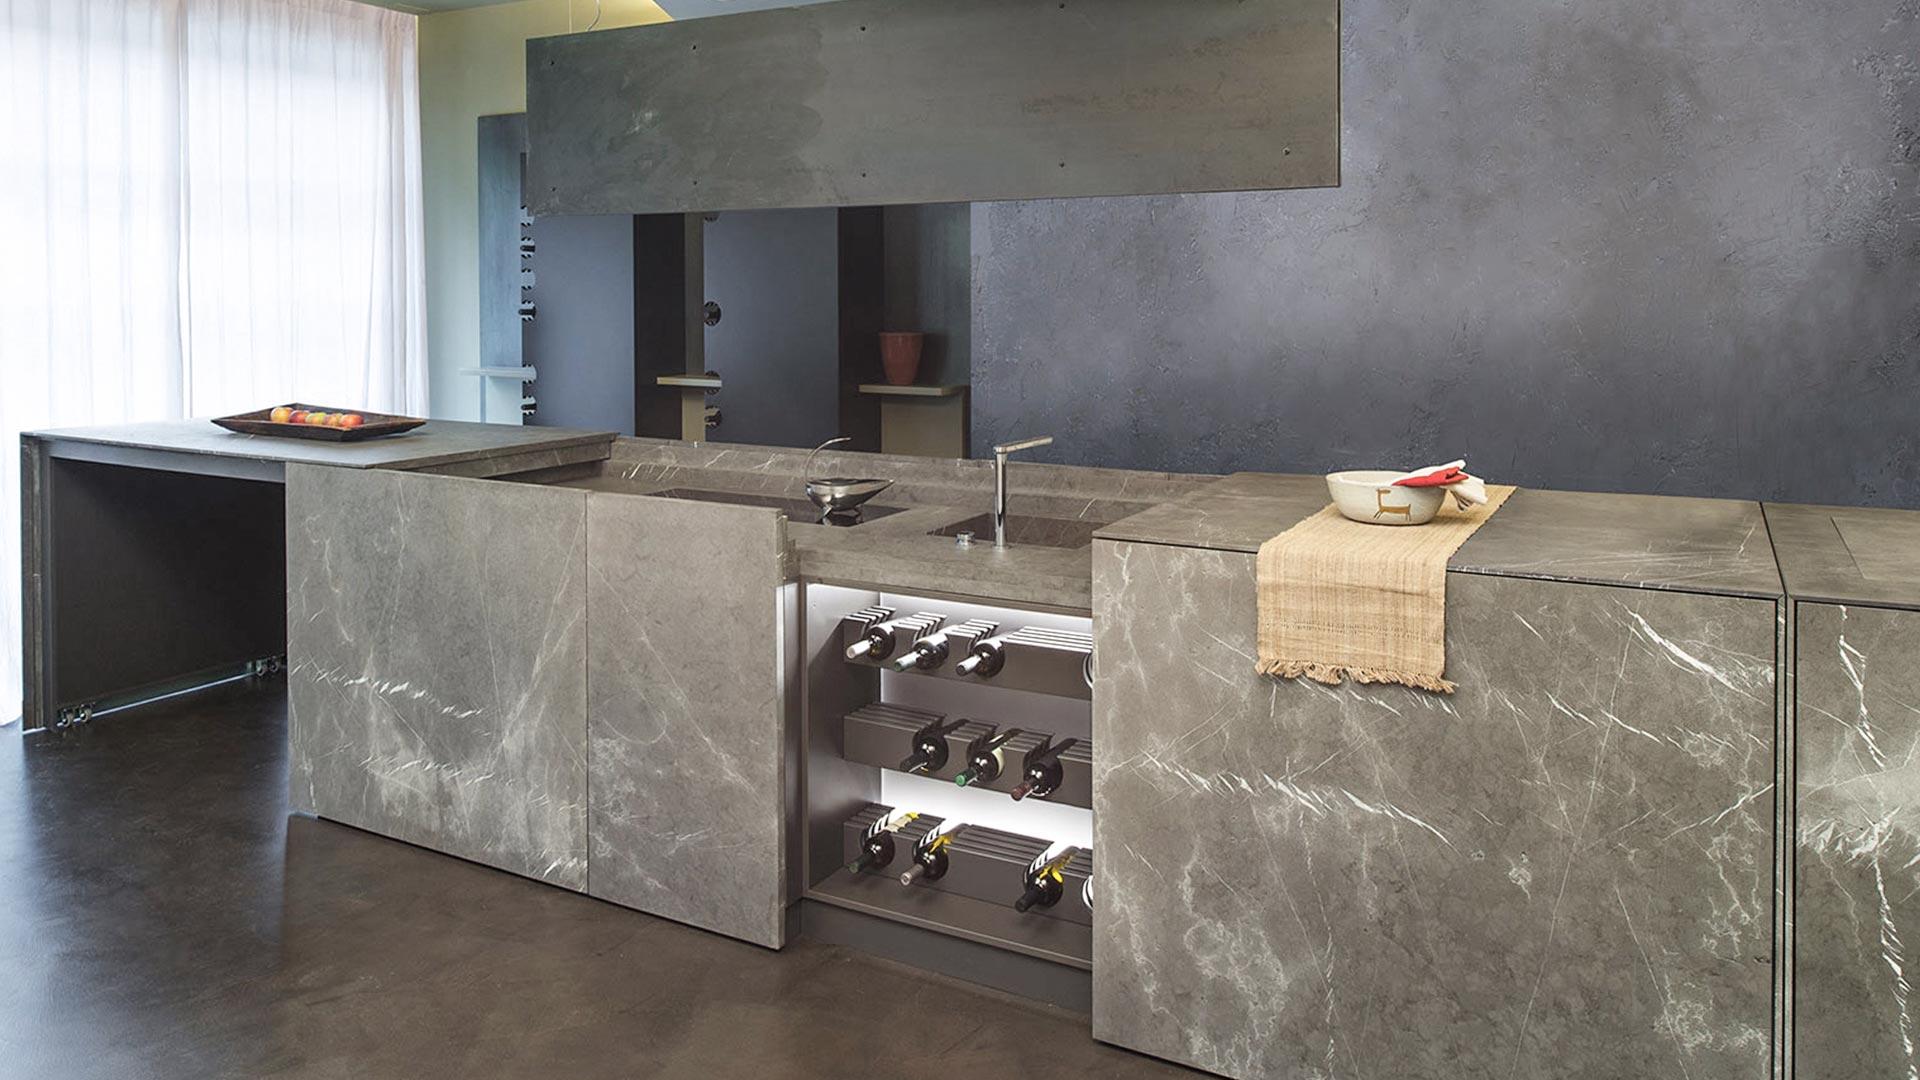 Una cucina monoblocco a scomparsa in pietra di corinto - Armadio cucina monoblocco ...